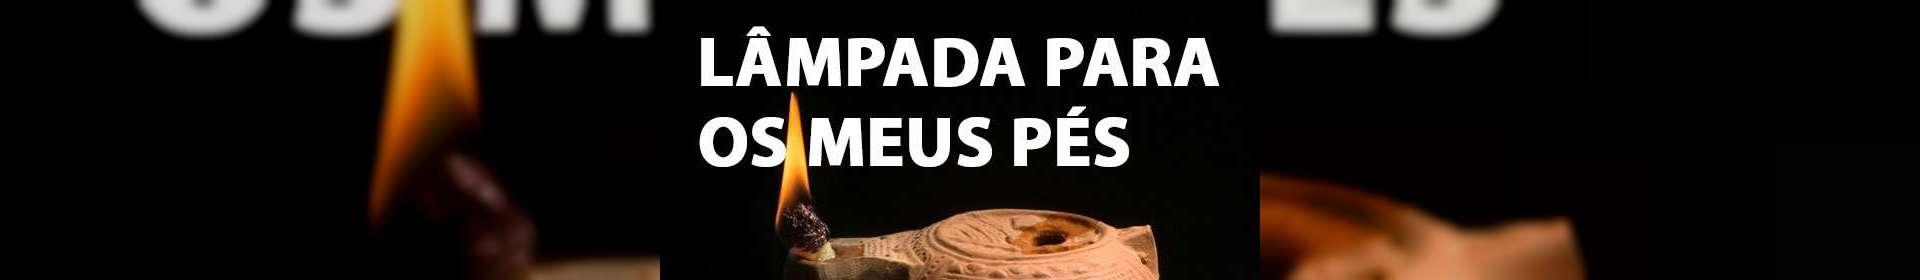 Lâmpada para os Meus Pés - 21/01/2019